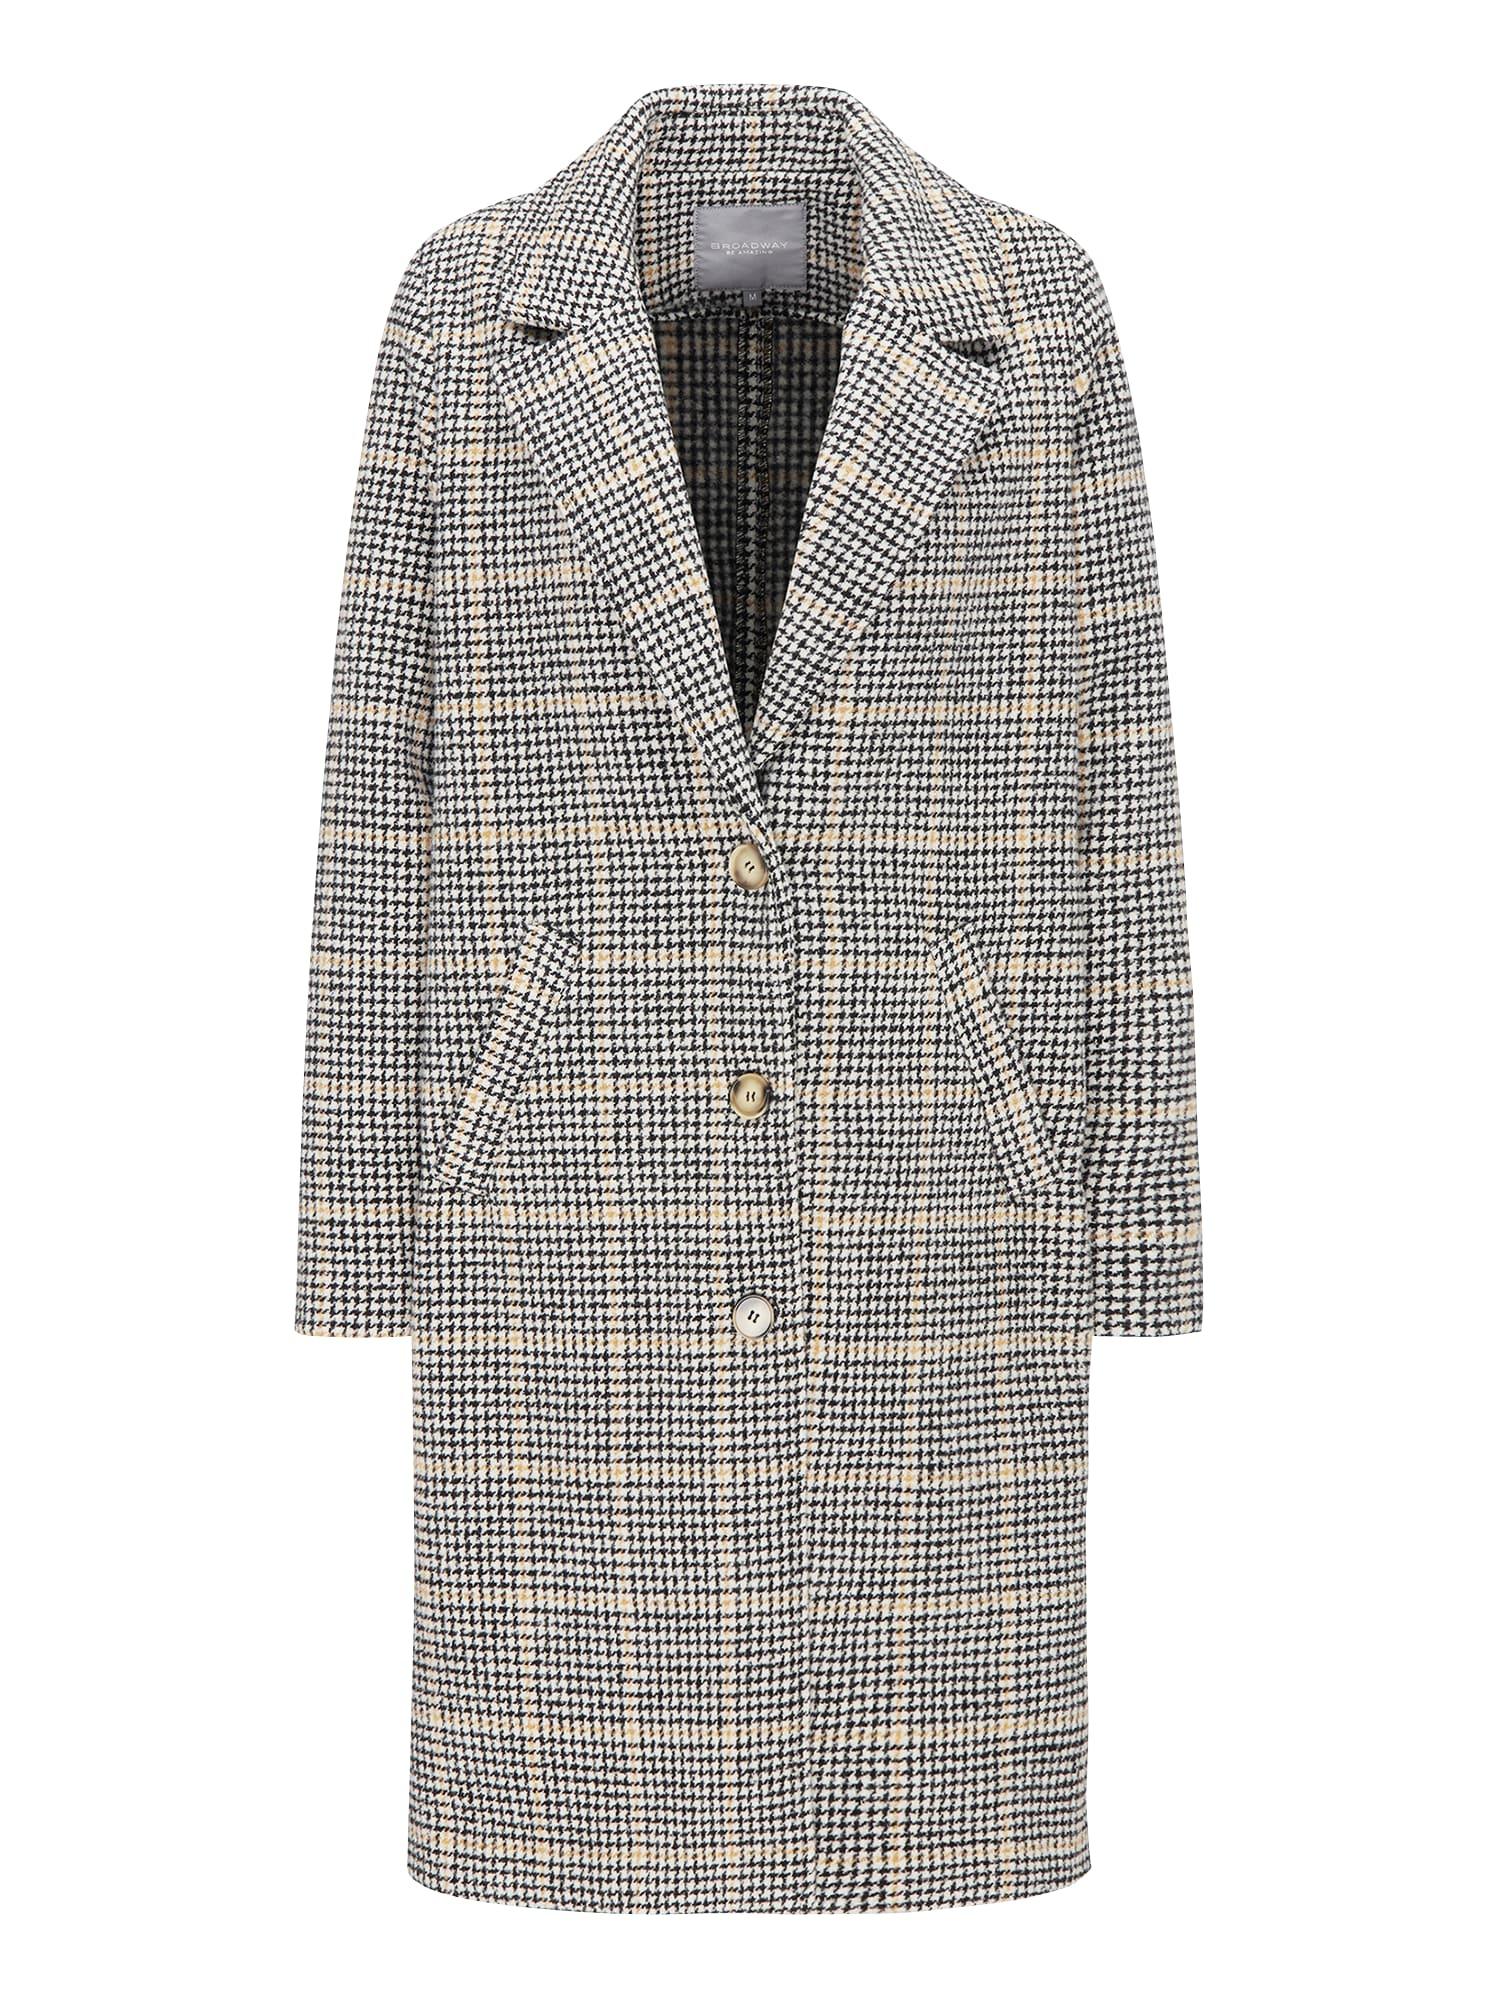 Přechodný kabát SHERALIN béžová světle šedá BROADWAY NYC FASHION